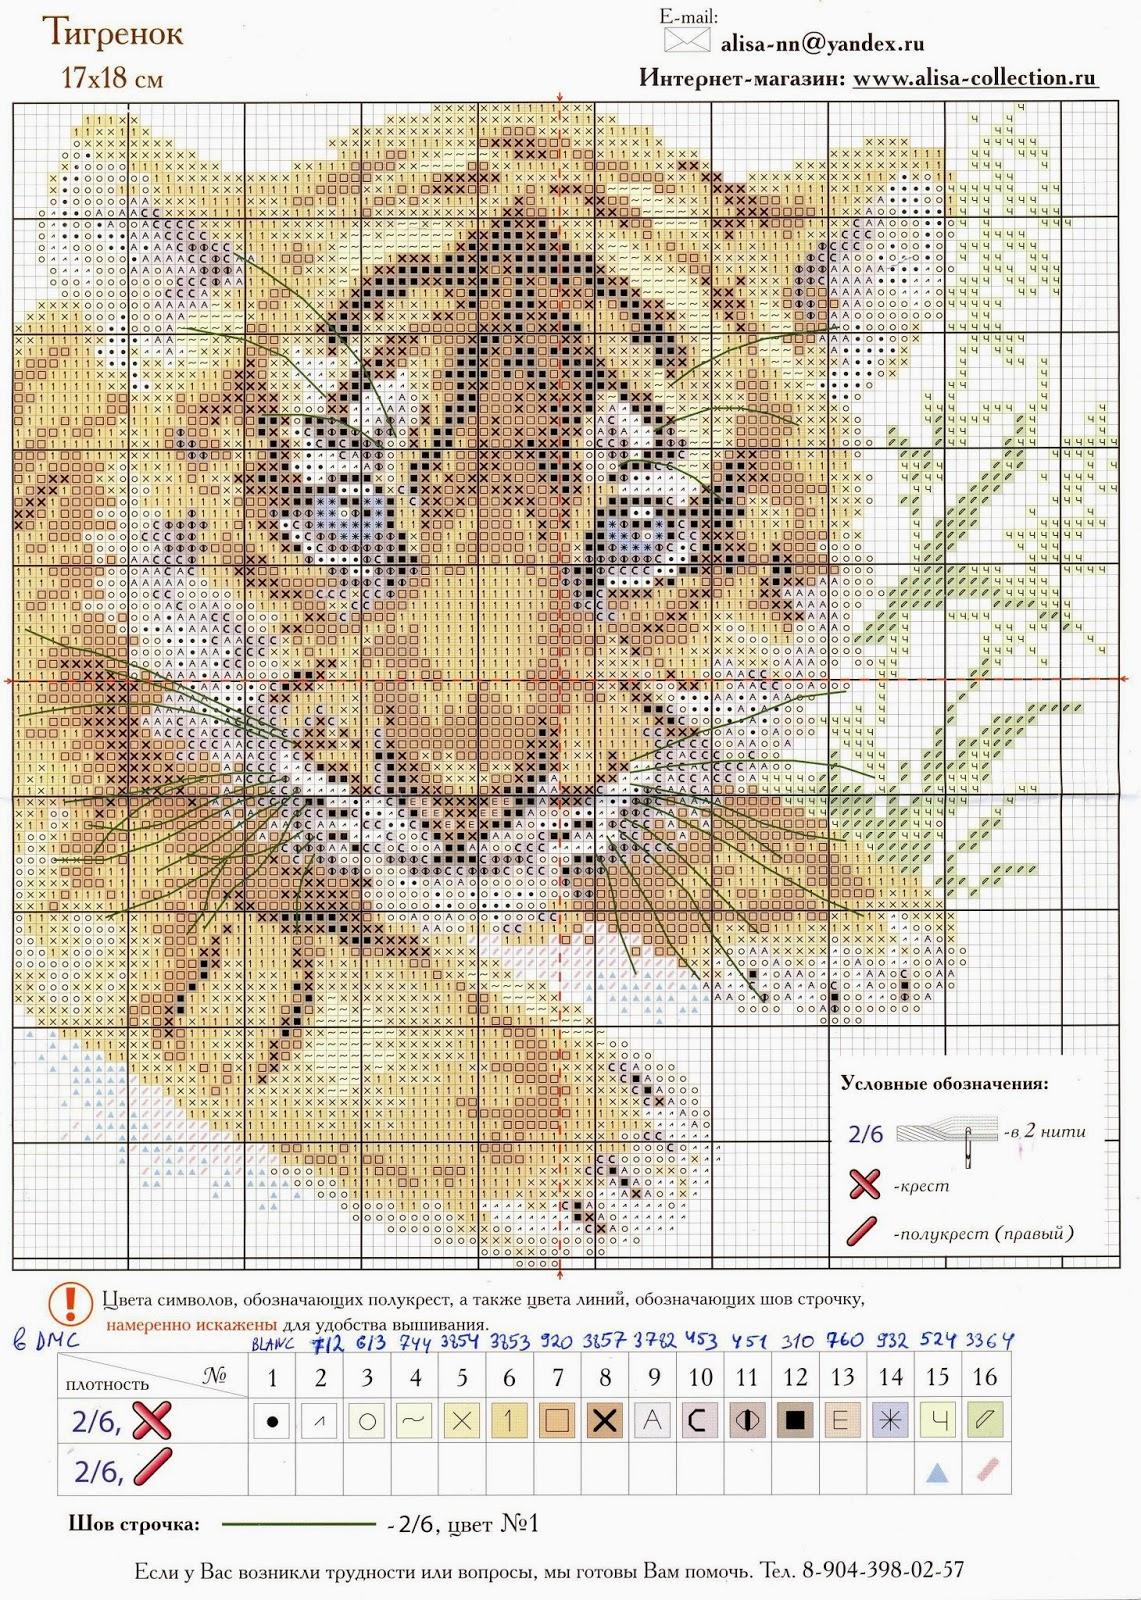 Вышивка тигренок схема скачать бесплатно фото 873